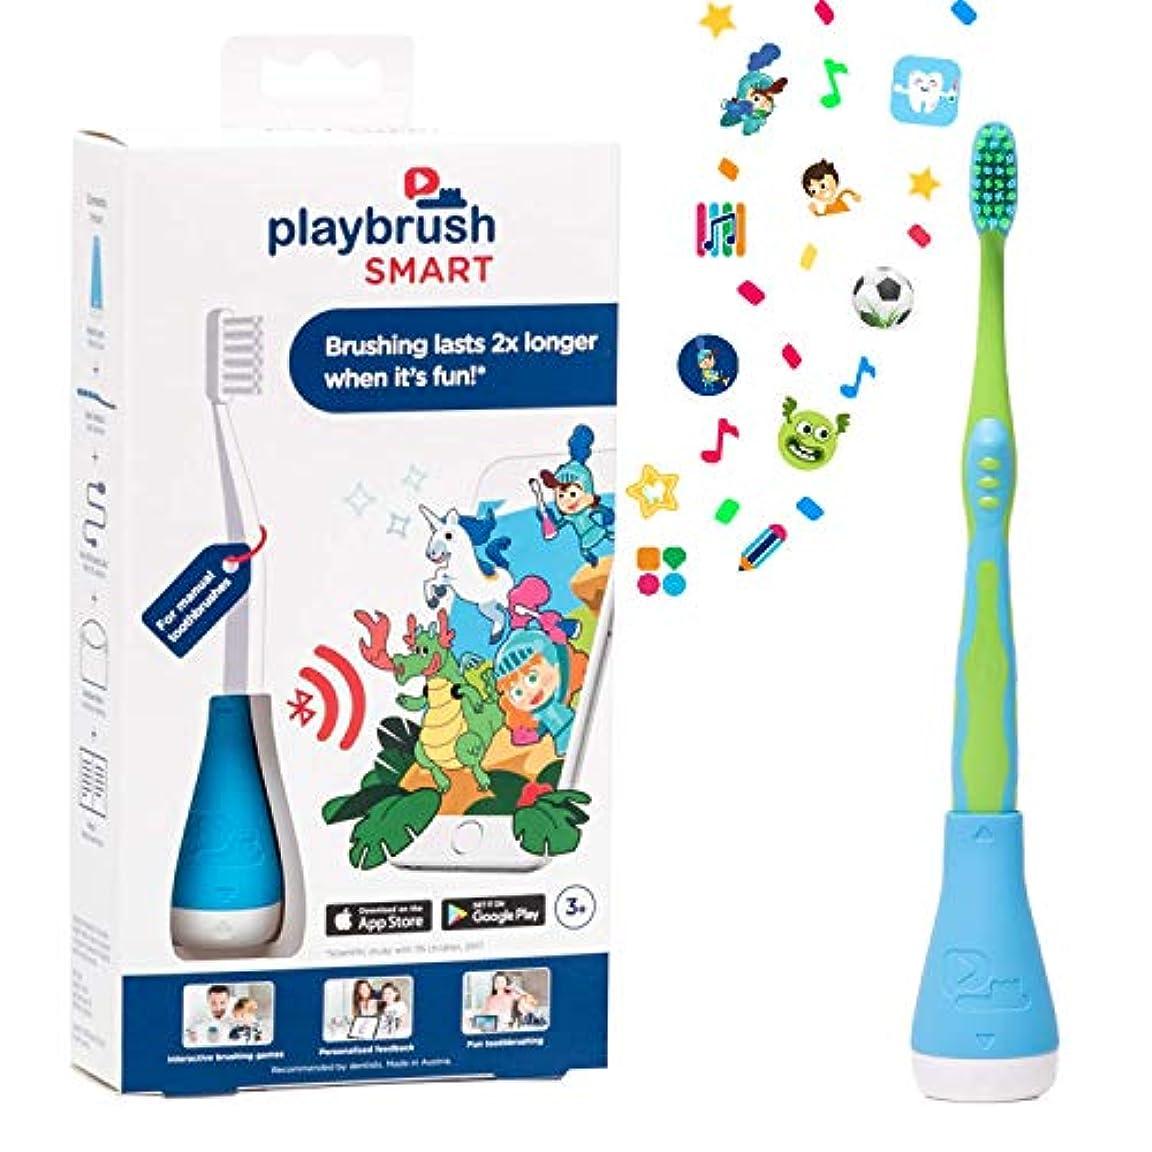 傾向ロック解除知覚できる【ヨーロッパ製 アプリで正しいハミガキを身につけられる子供用 知育歯ブラシ】プレイブラッシュ スマート ブルー◇ 普段の歯ブラシに取り付けるだけ◇ Playbrush Smart Blue